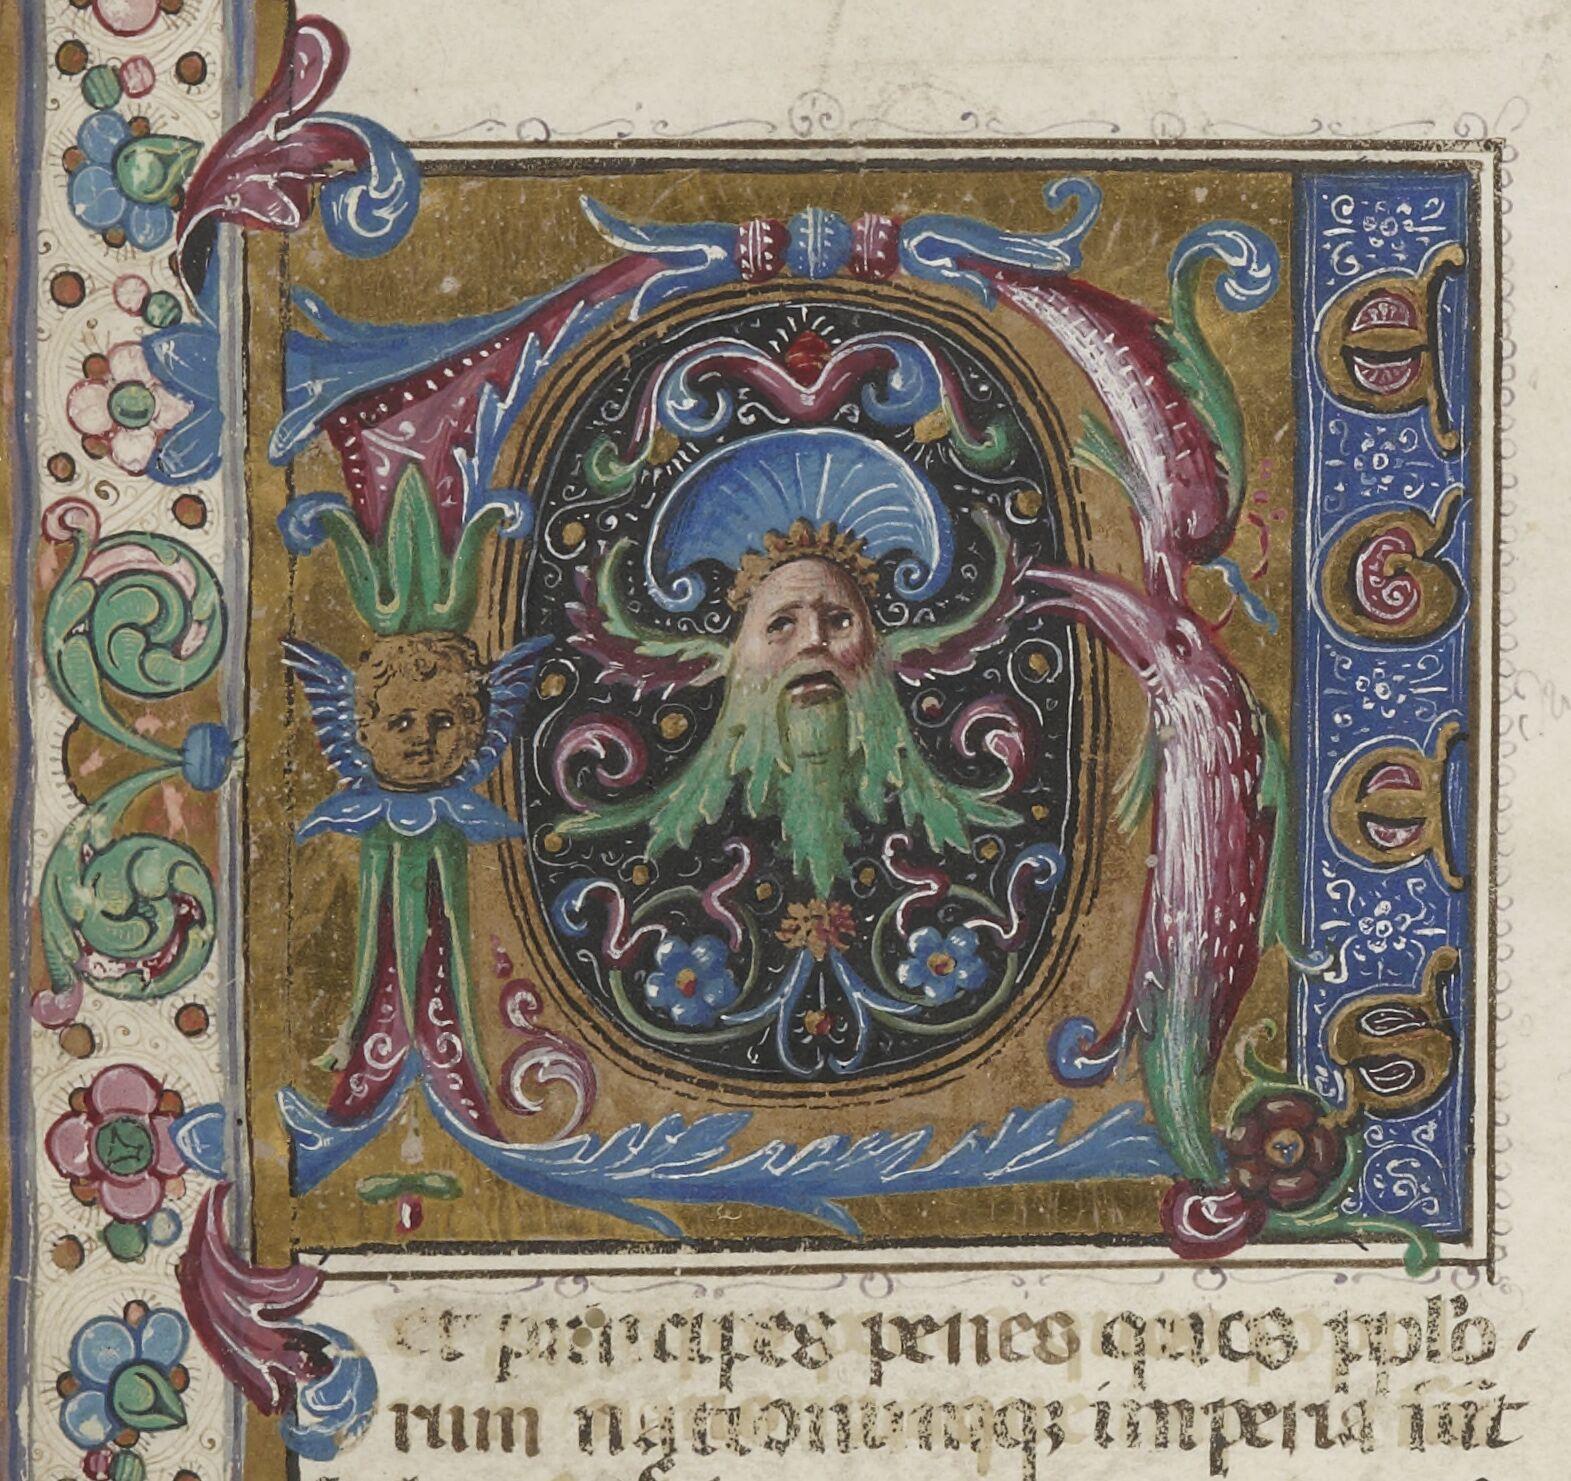 Manuscrits de la Bibliothèque de Rouen. Leonardo Nogarola,Tractatus de mundi aeternitate